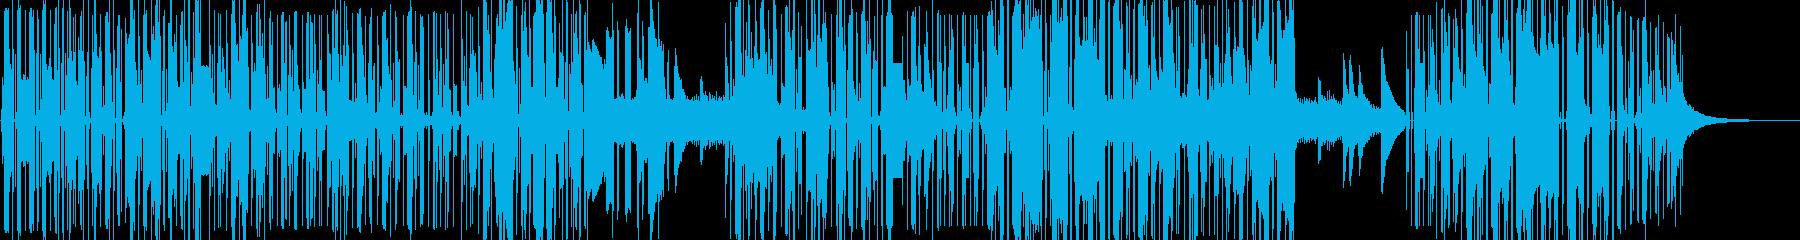 電子、ジャングルループおよびリバー...の再生済みの波形